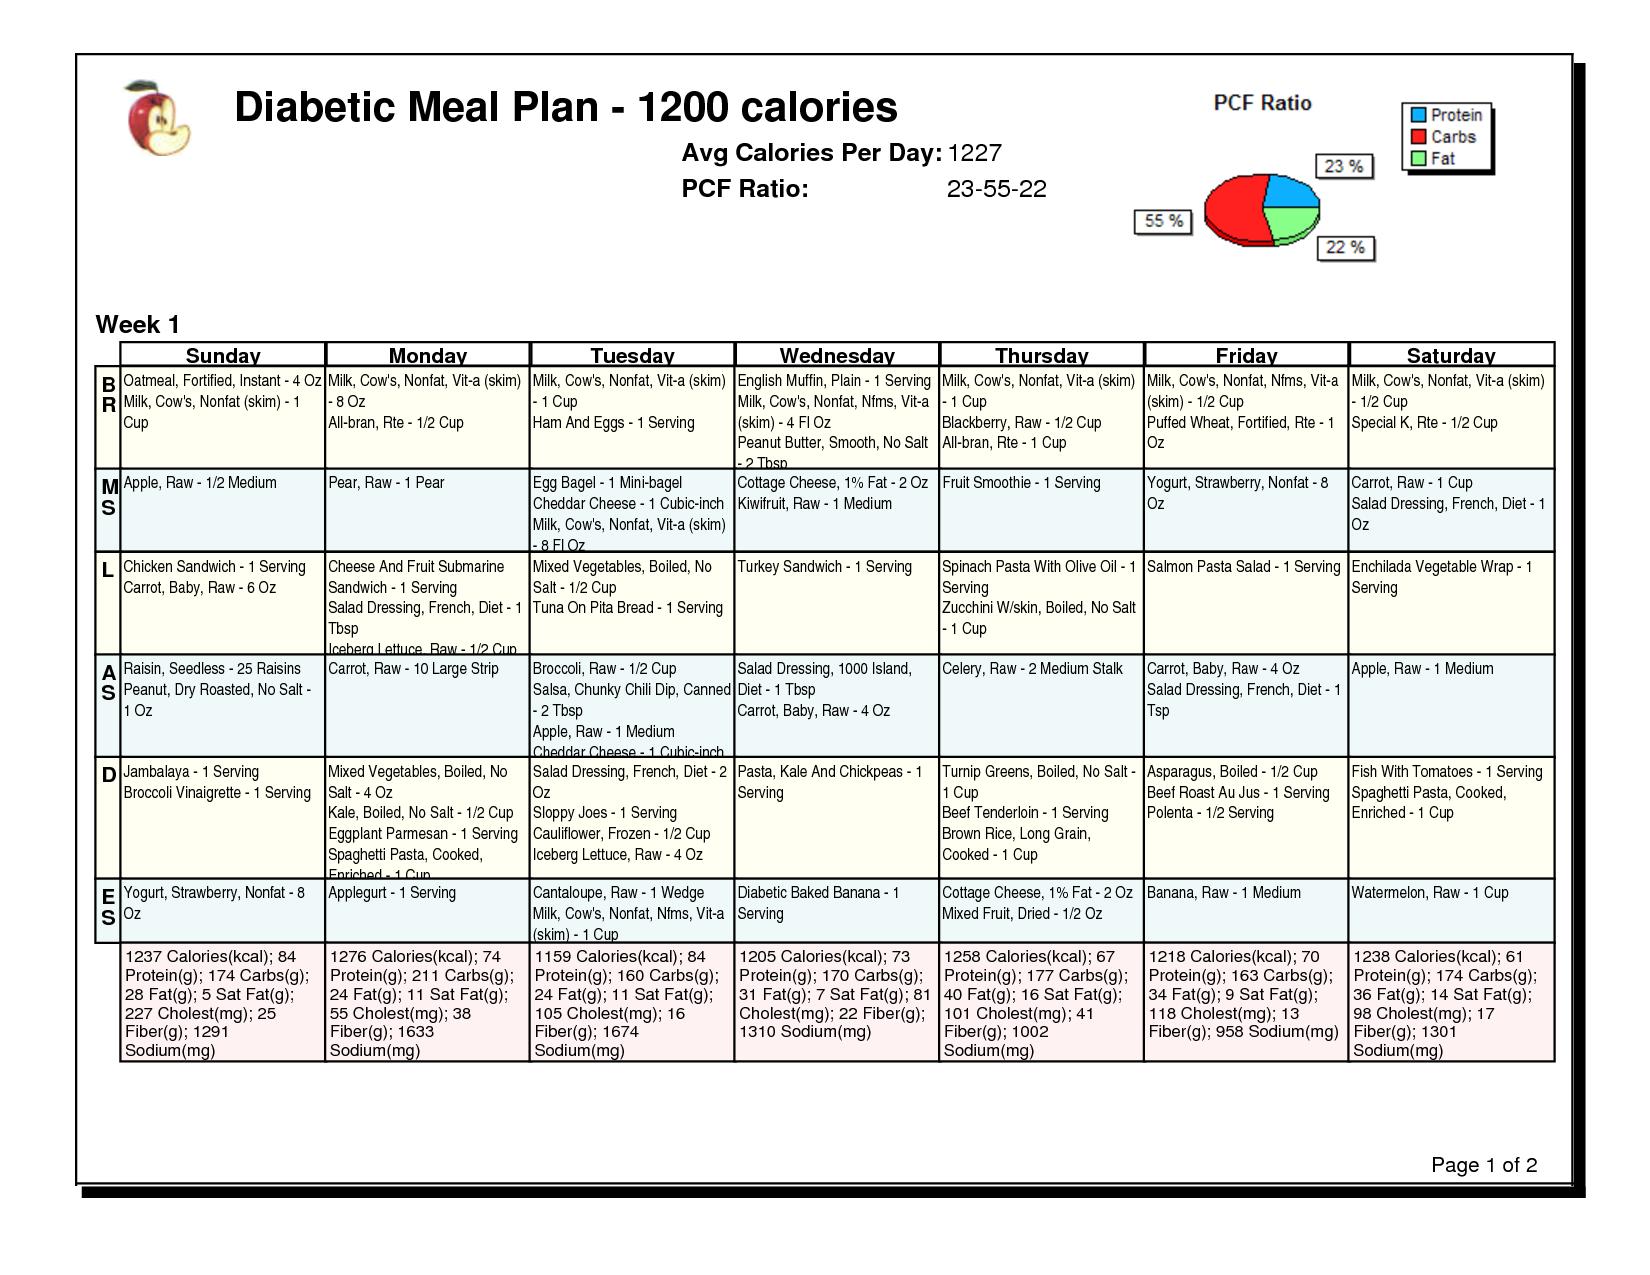 Famous Diabetict Meal Plan Calories X